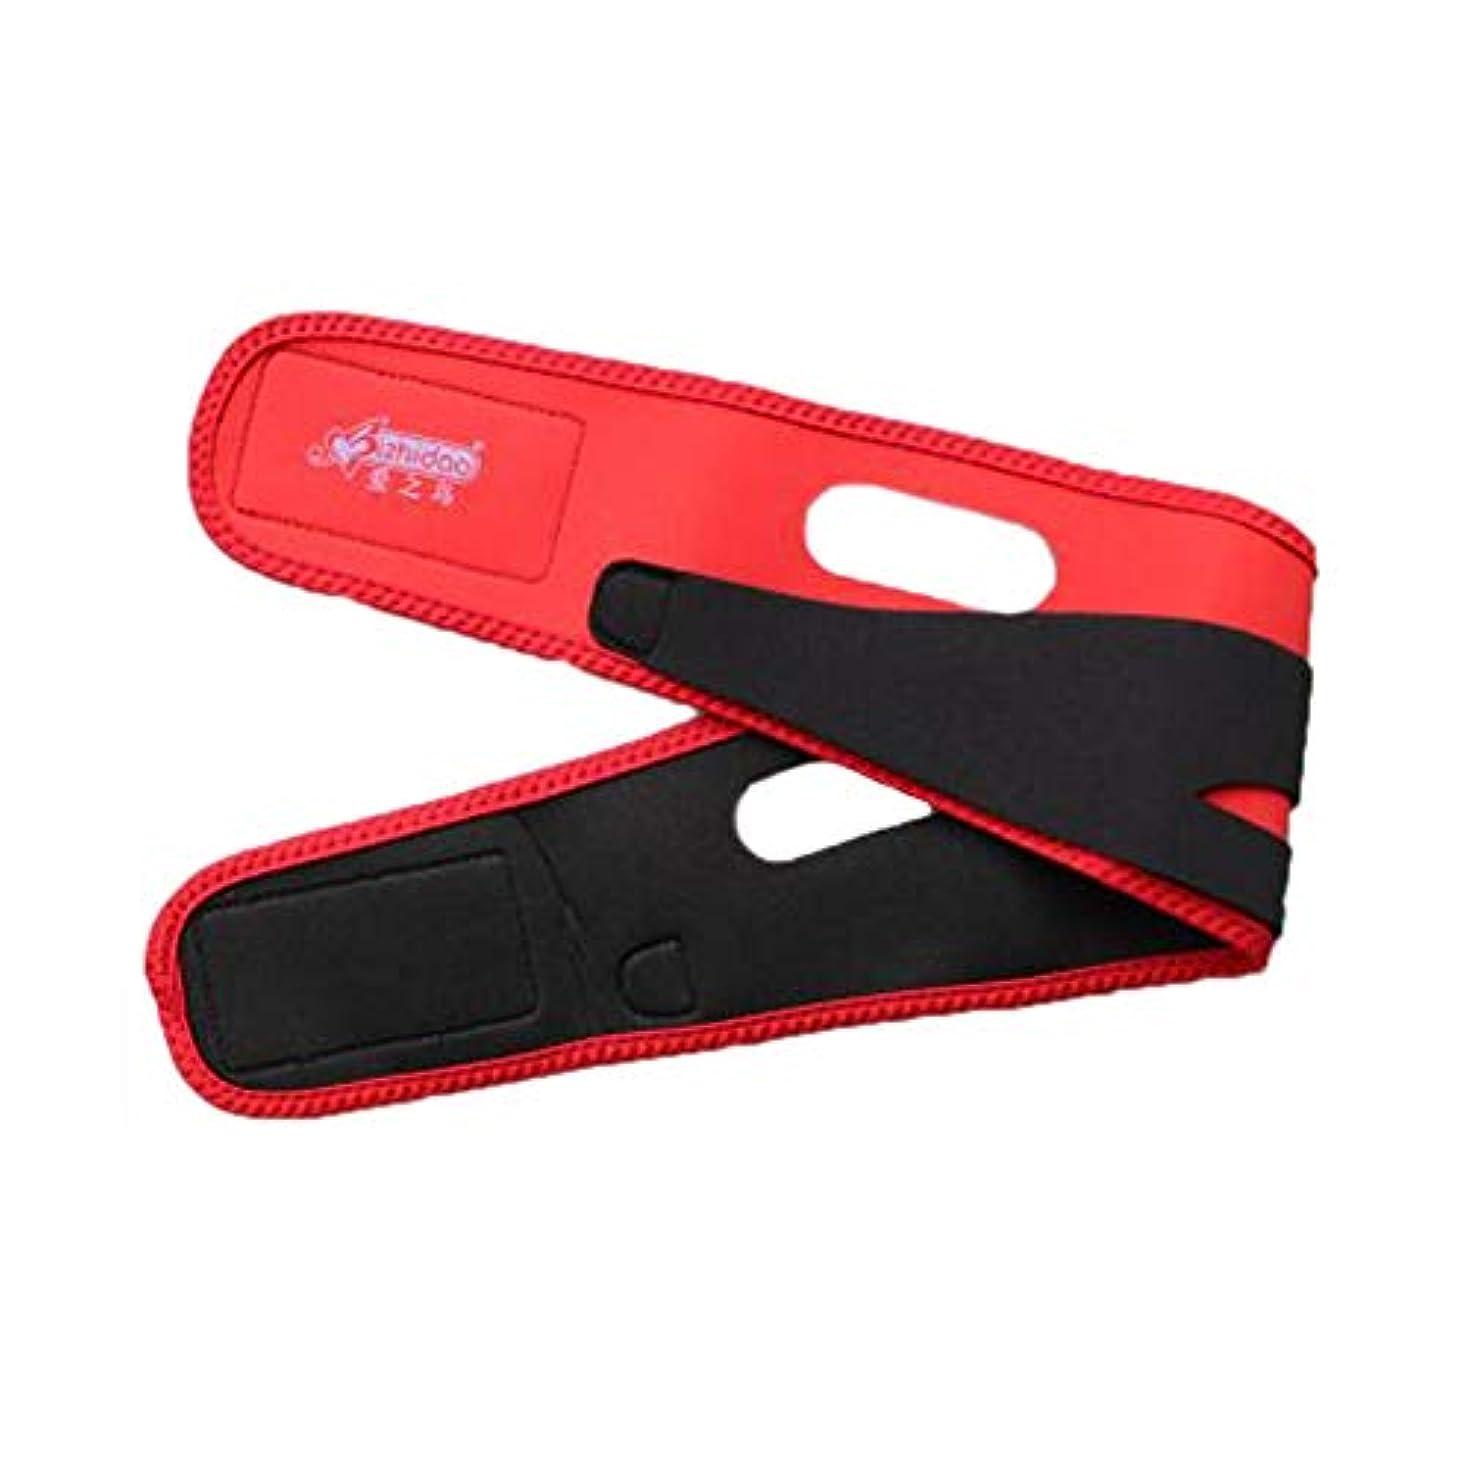 ポジションペチュランス選択フェイススリミングバンデージ、ダブルチンケア減量、フェイシャルリフティングバンデージ、フェイスマッサージマスク、ダブルチンストラップ(フリーサイズ) (Color : Red)